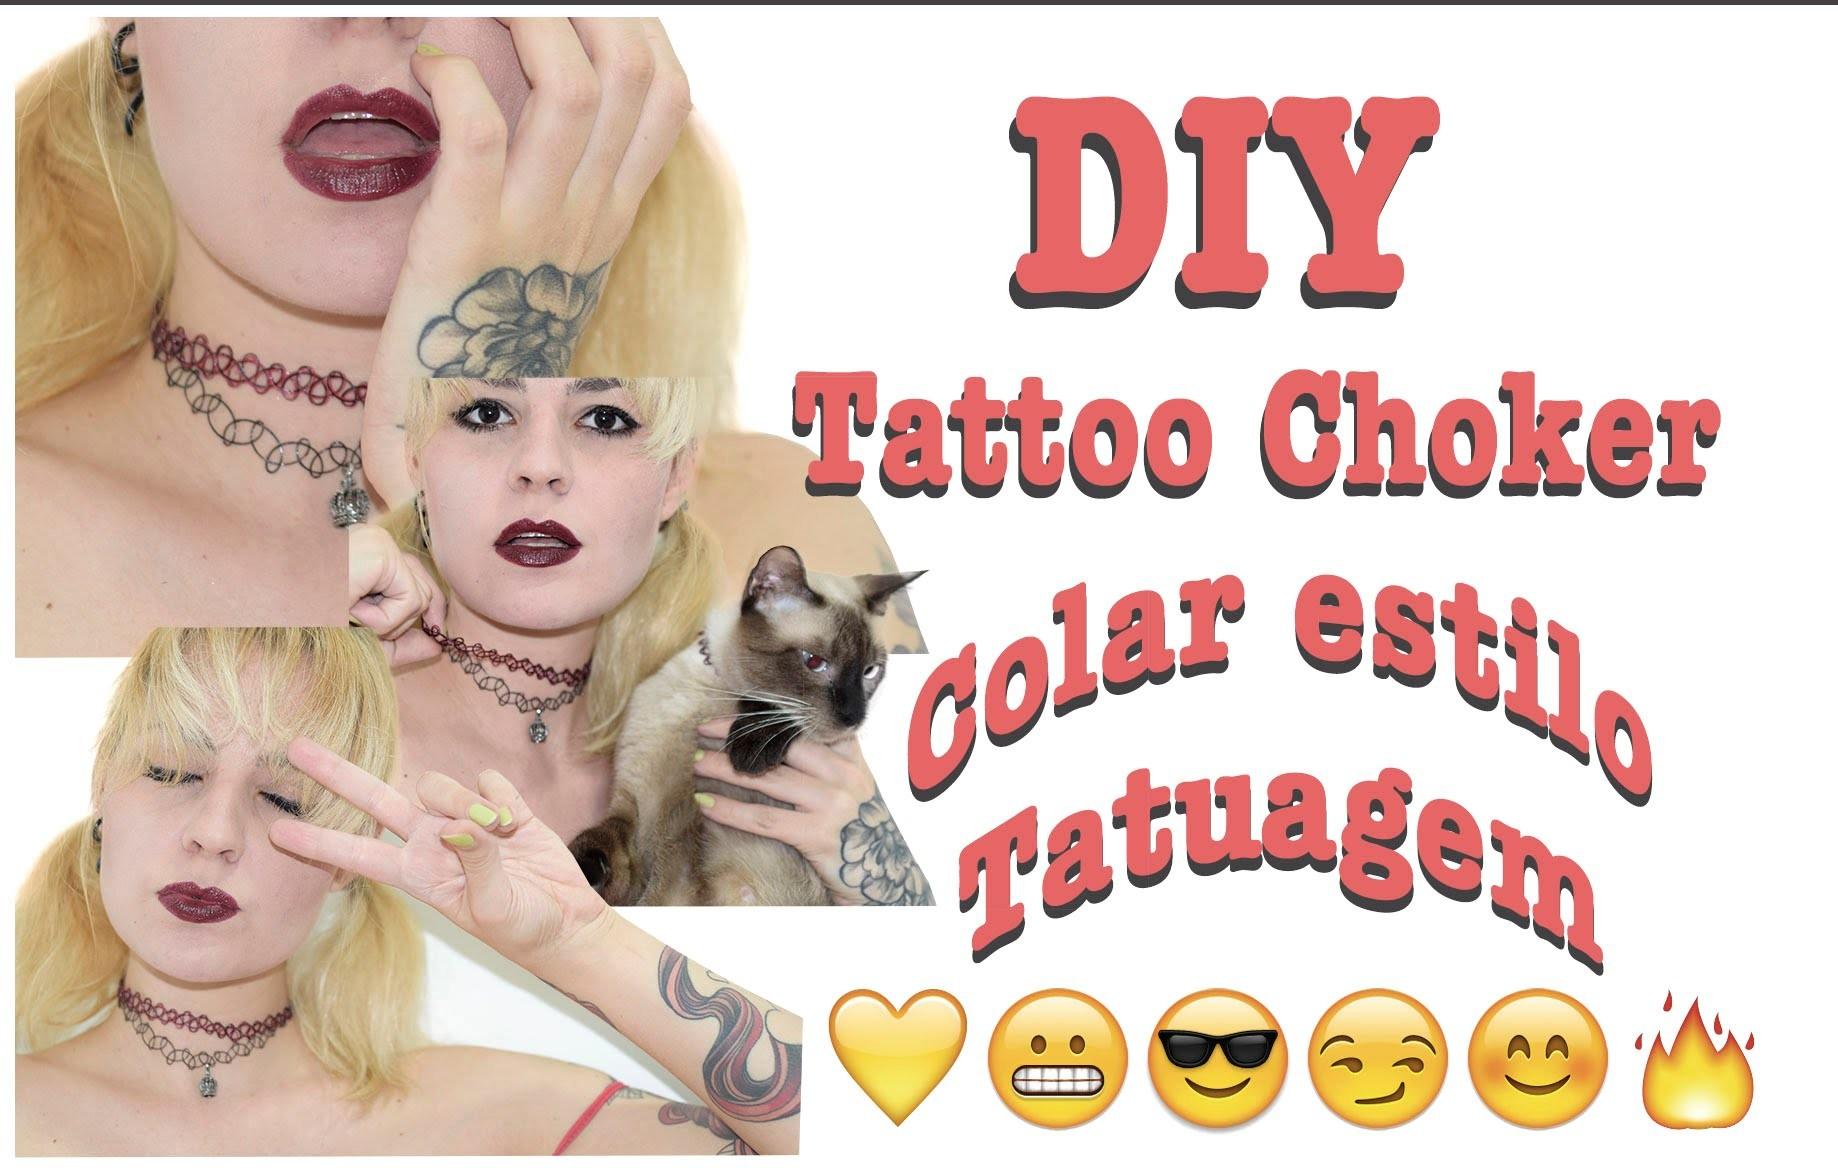 DIY   Como fazer Tattoo Choker (Colar estilo tatuagem) Muito Fácil   Ft. Mau Mau